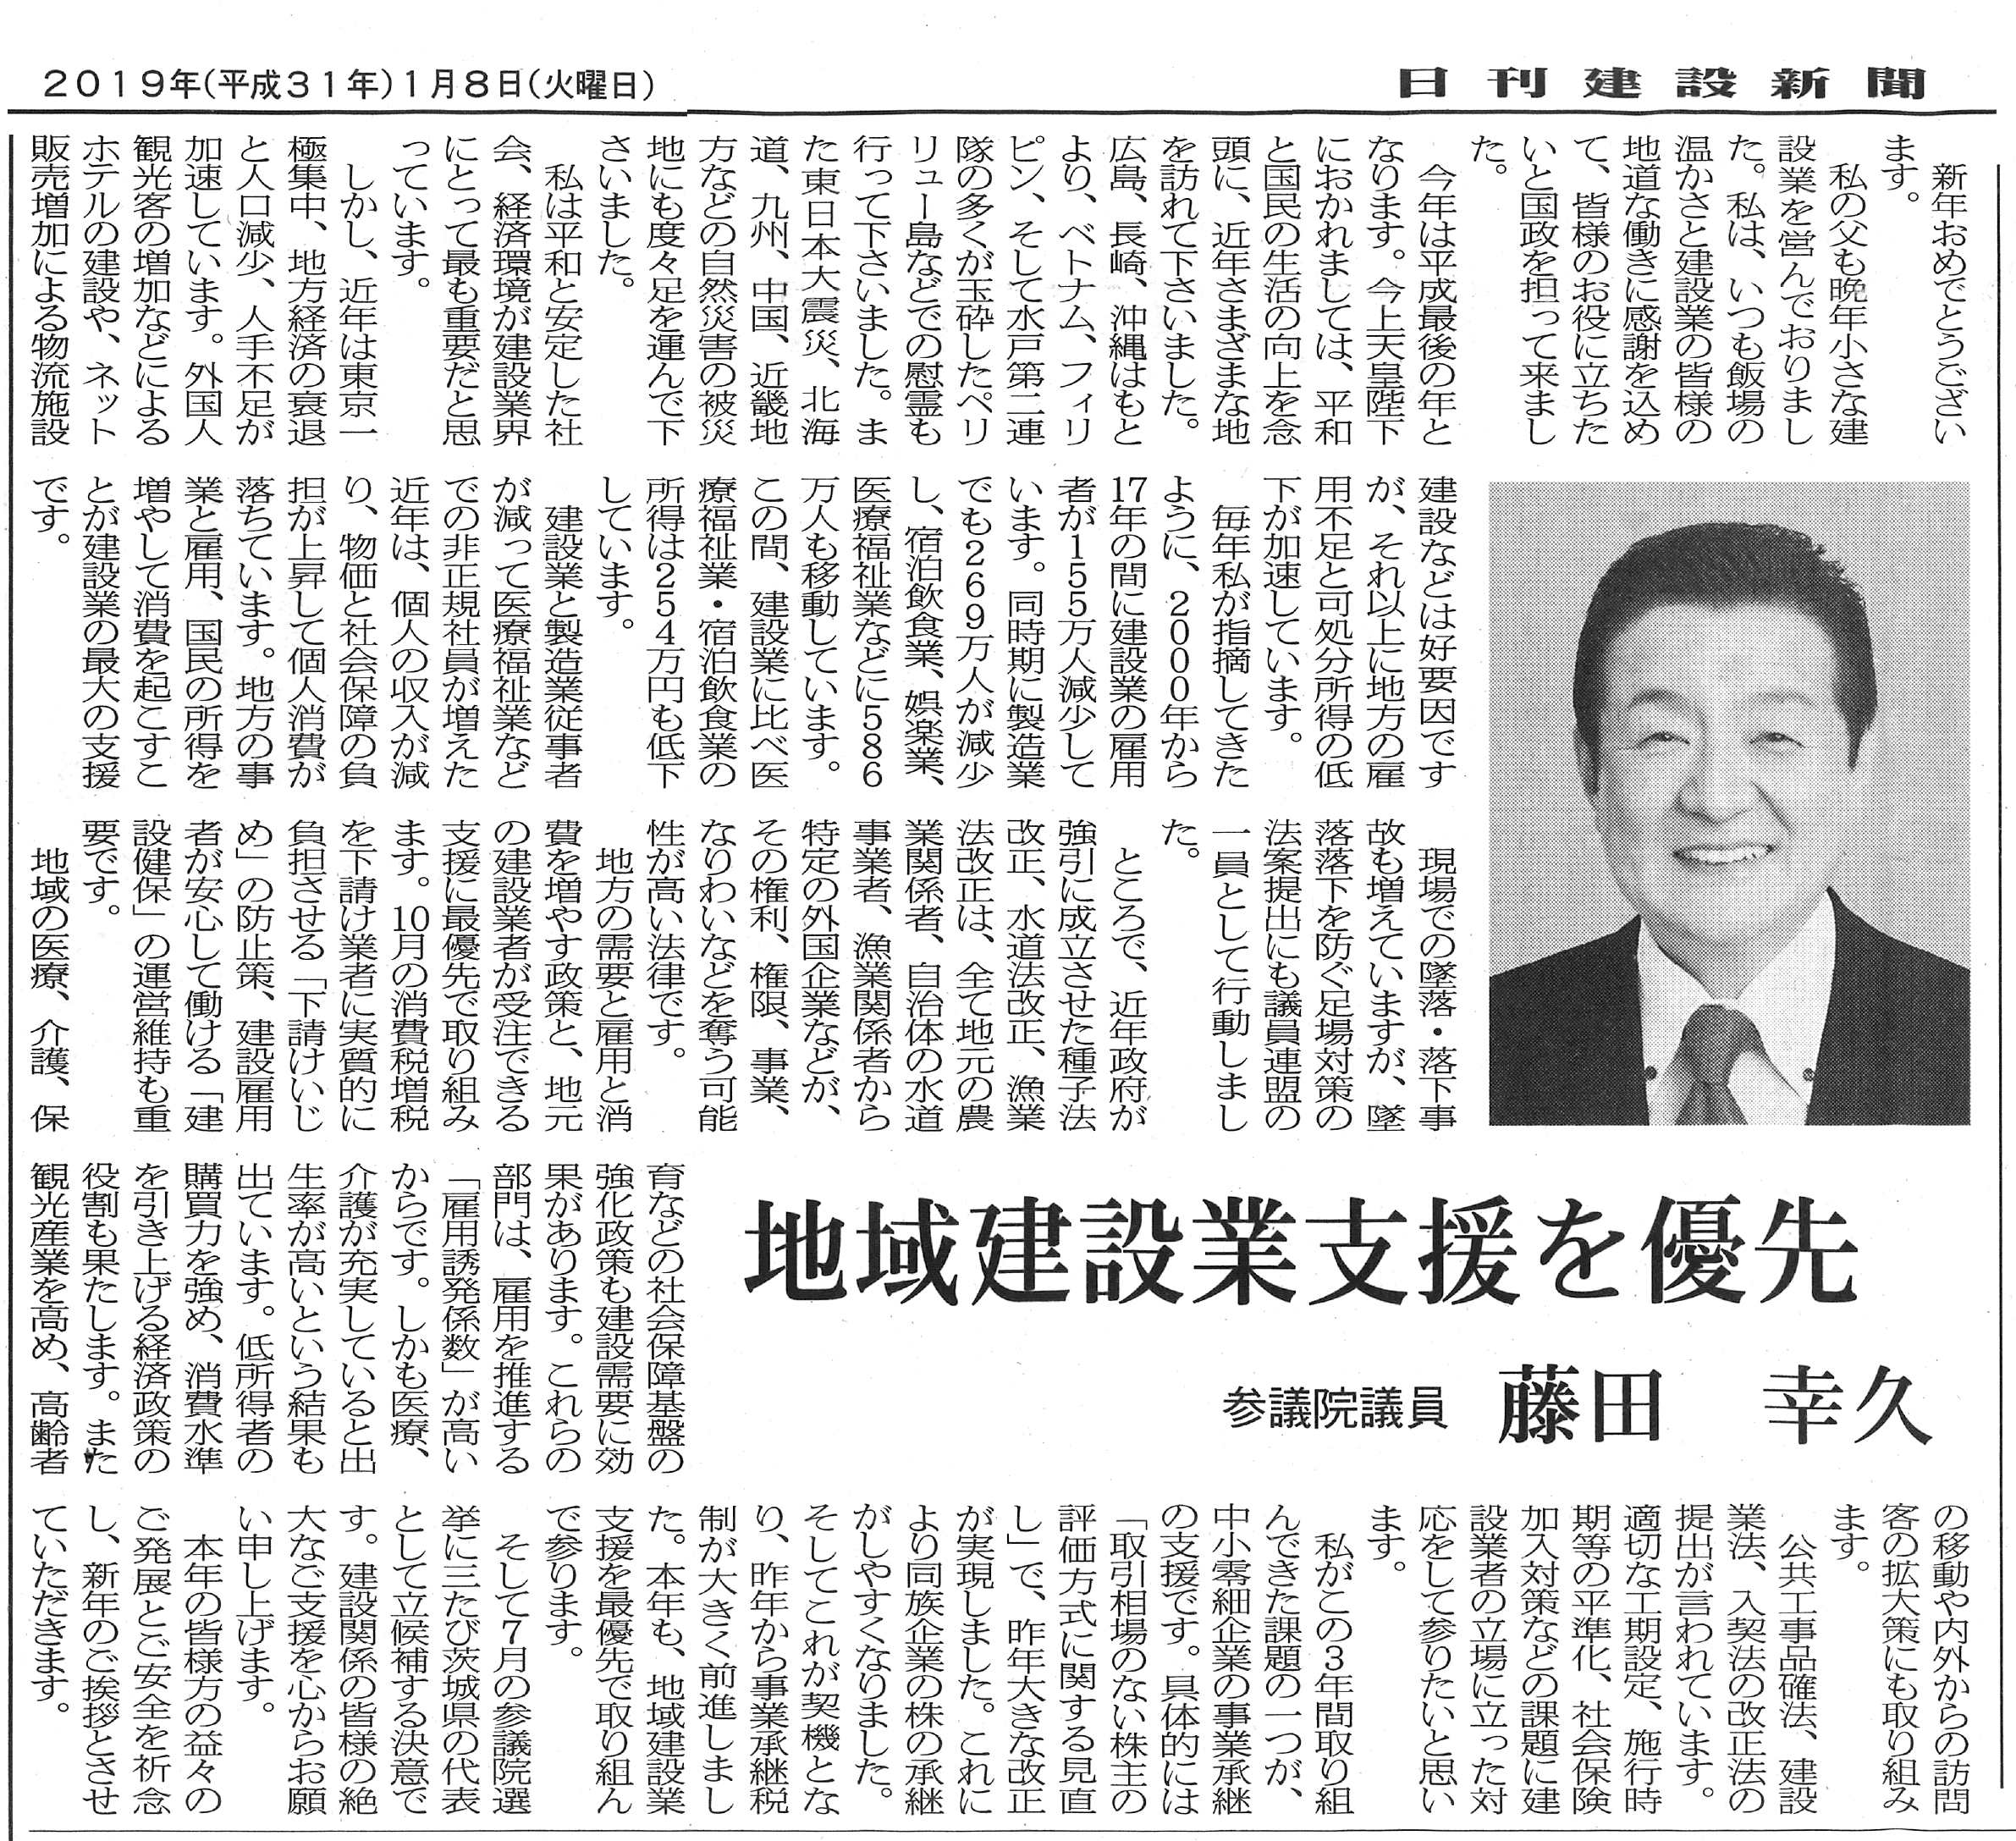 【日本建設新聞】年頭所感 地域建設業支援を優先